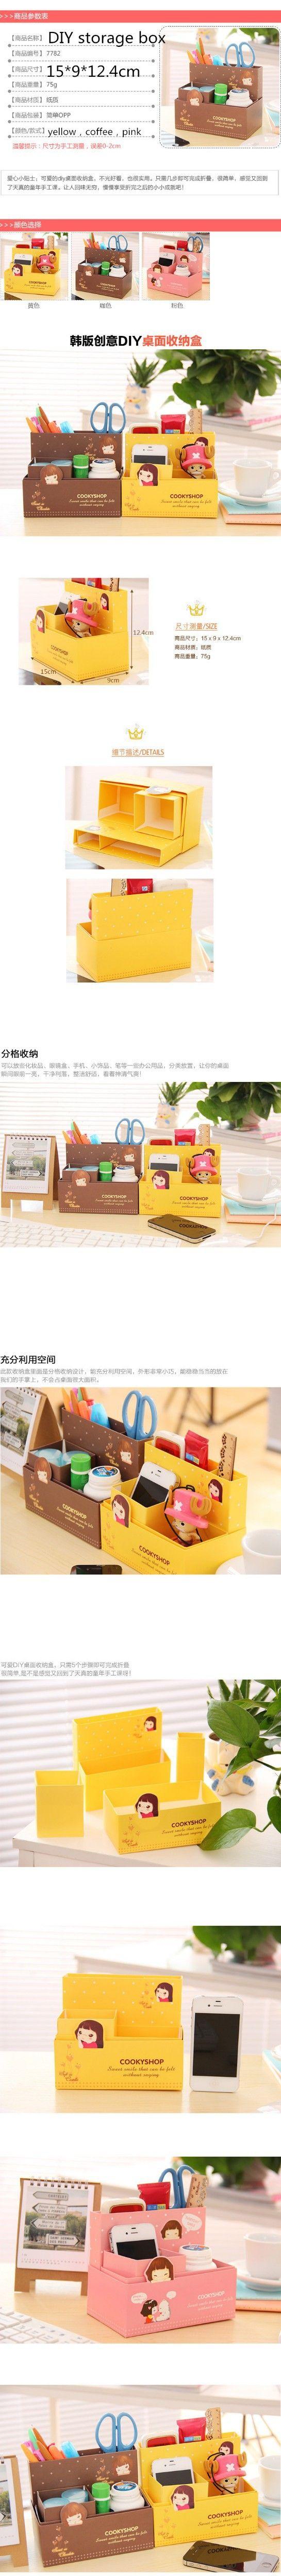 Своими руками бумага ёмкость коробка макияж организатор розовый желтый коричневый каваи ёмкость коробка 15 * 9 * 12.4 см организатор для косметика коробки купить на AliExpress